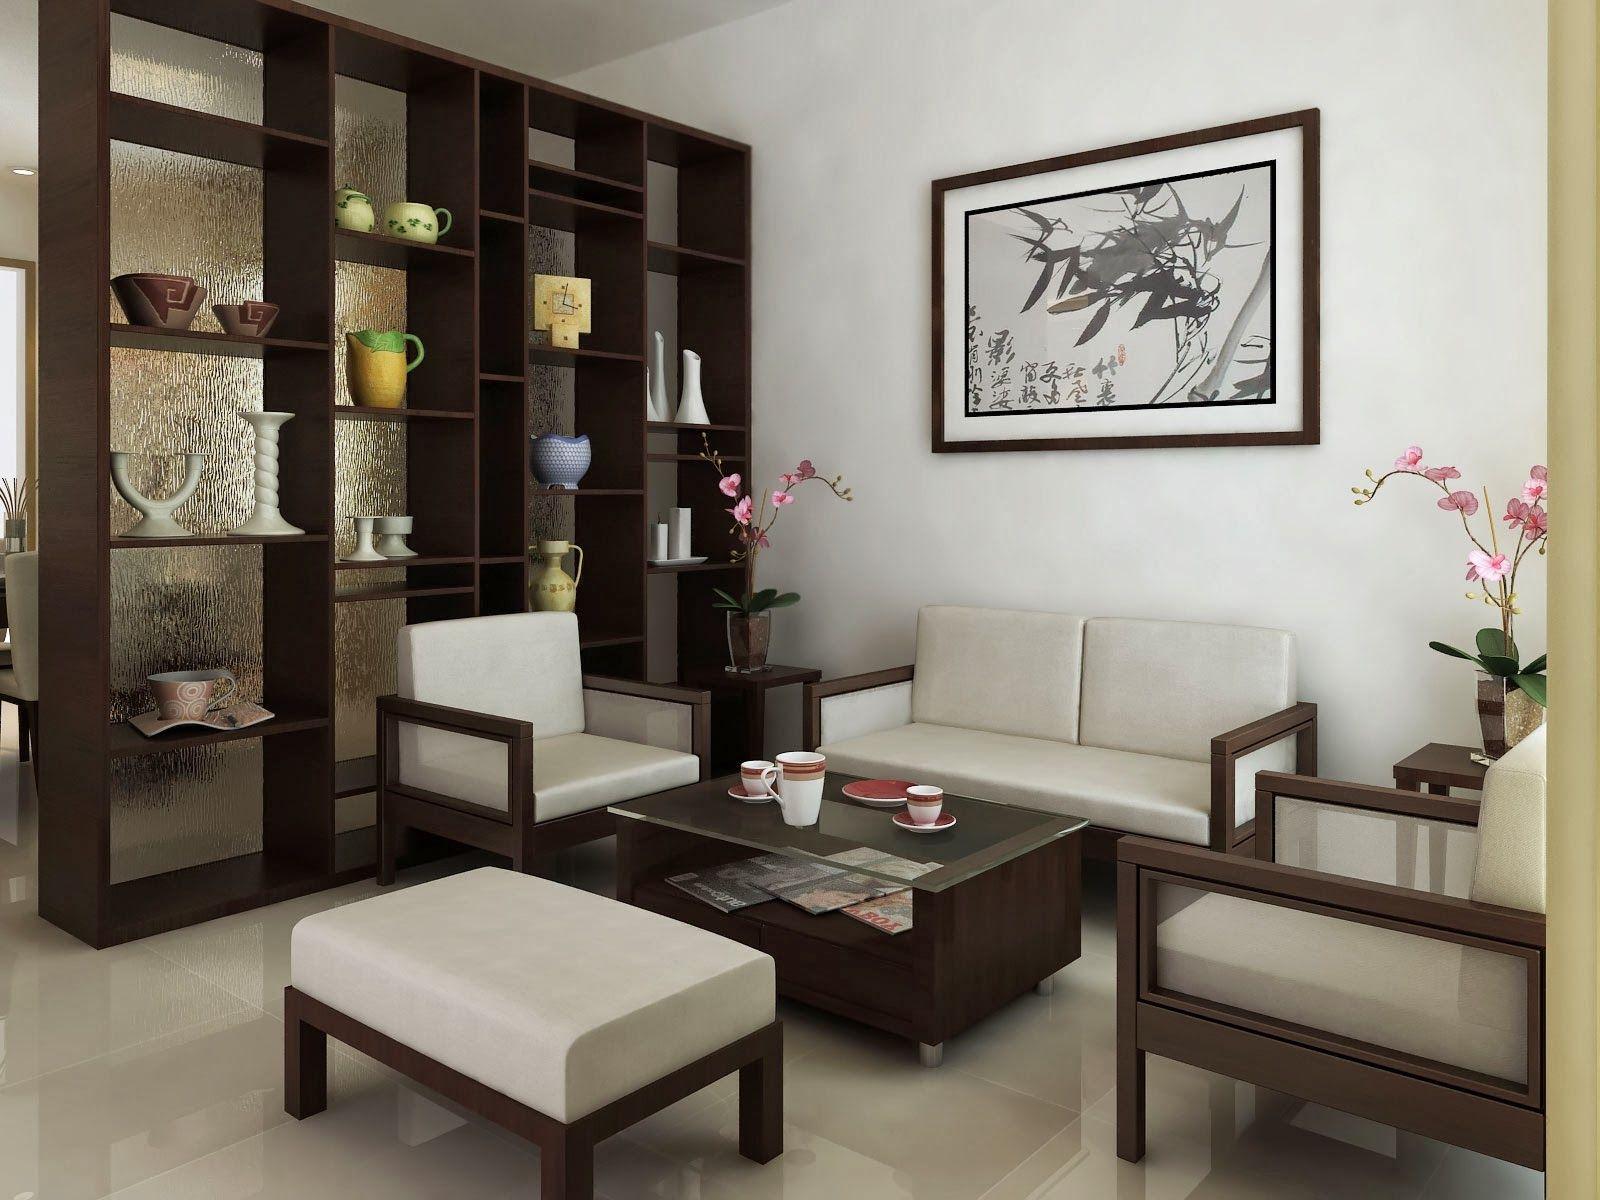 Memilih Furnitur Untuk Ruang Tamu Yang Baik 20 04 2016 Jakarta